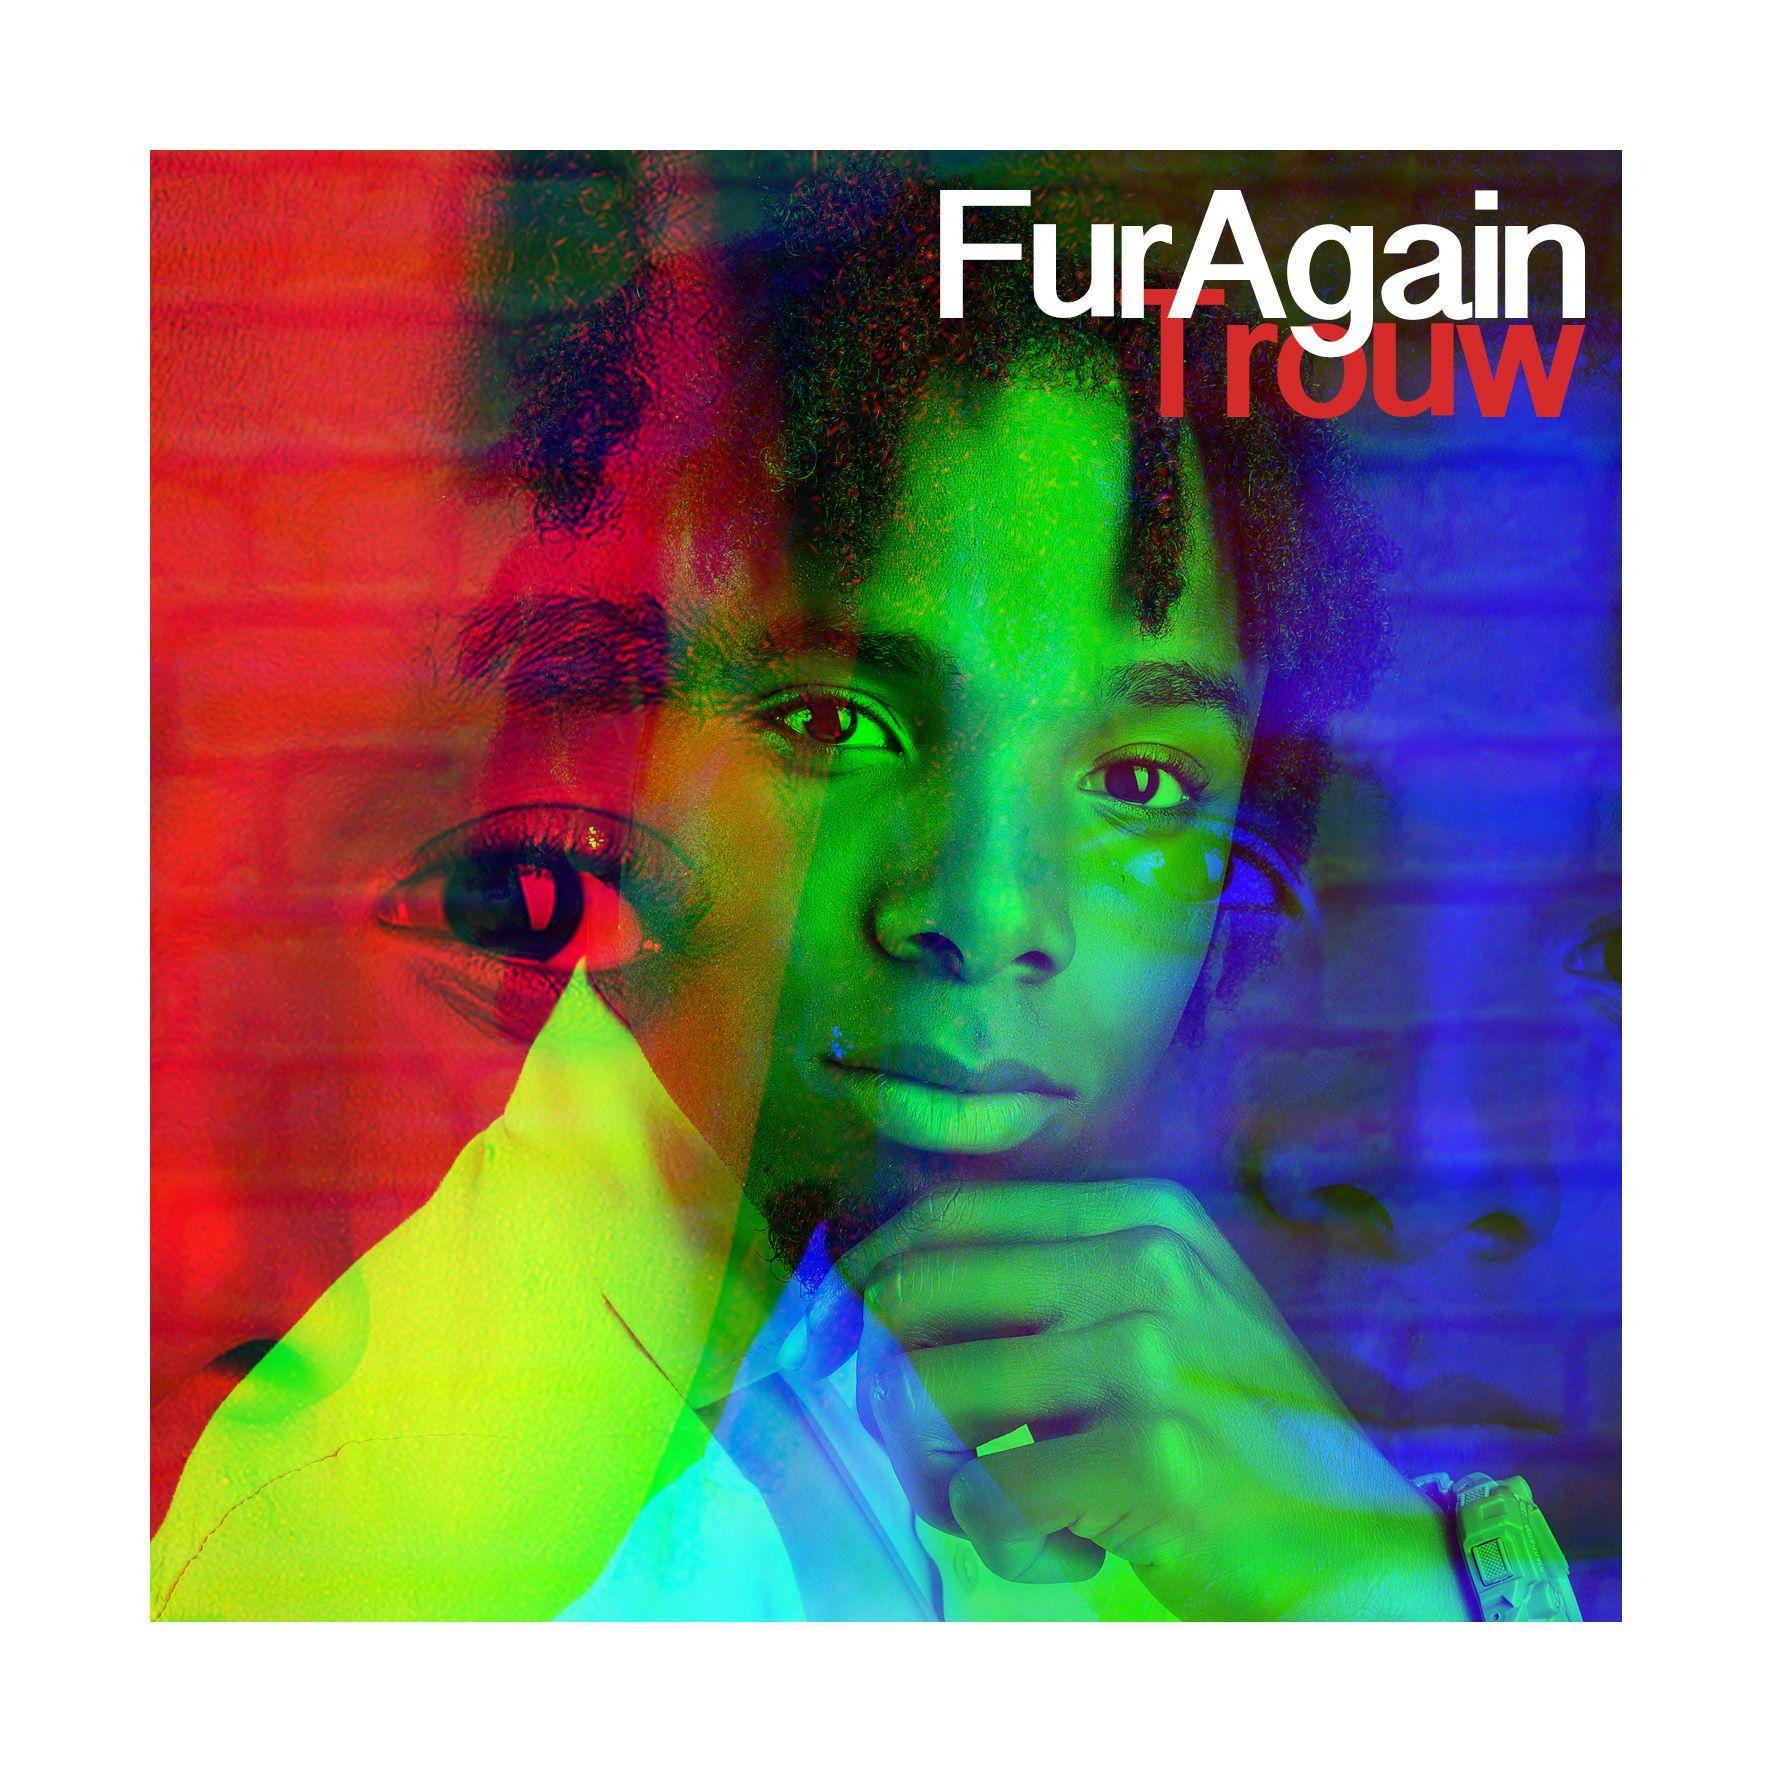 FurAgain